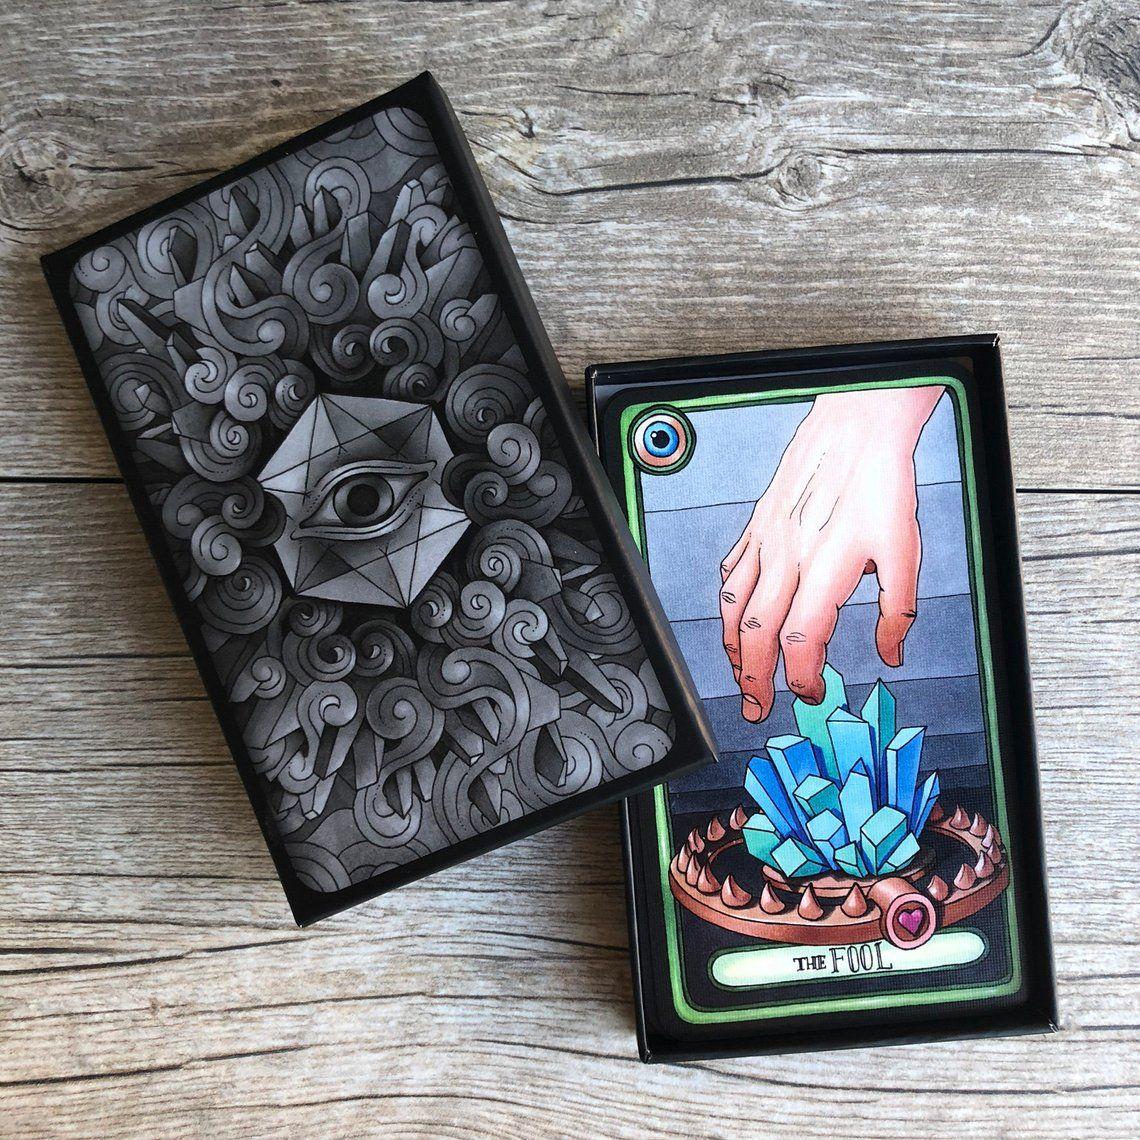 oddity tarot a 24card major arcana deck images based on